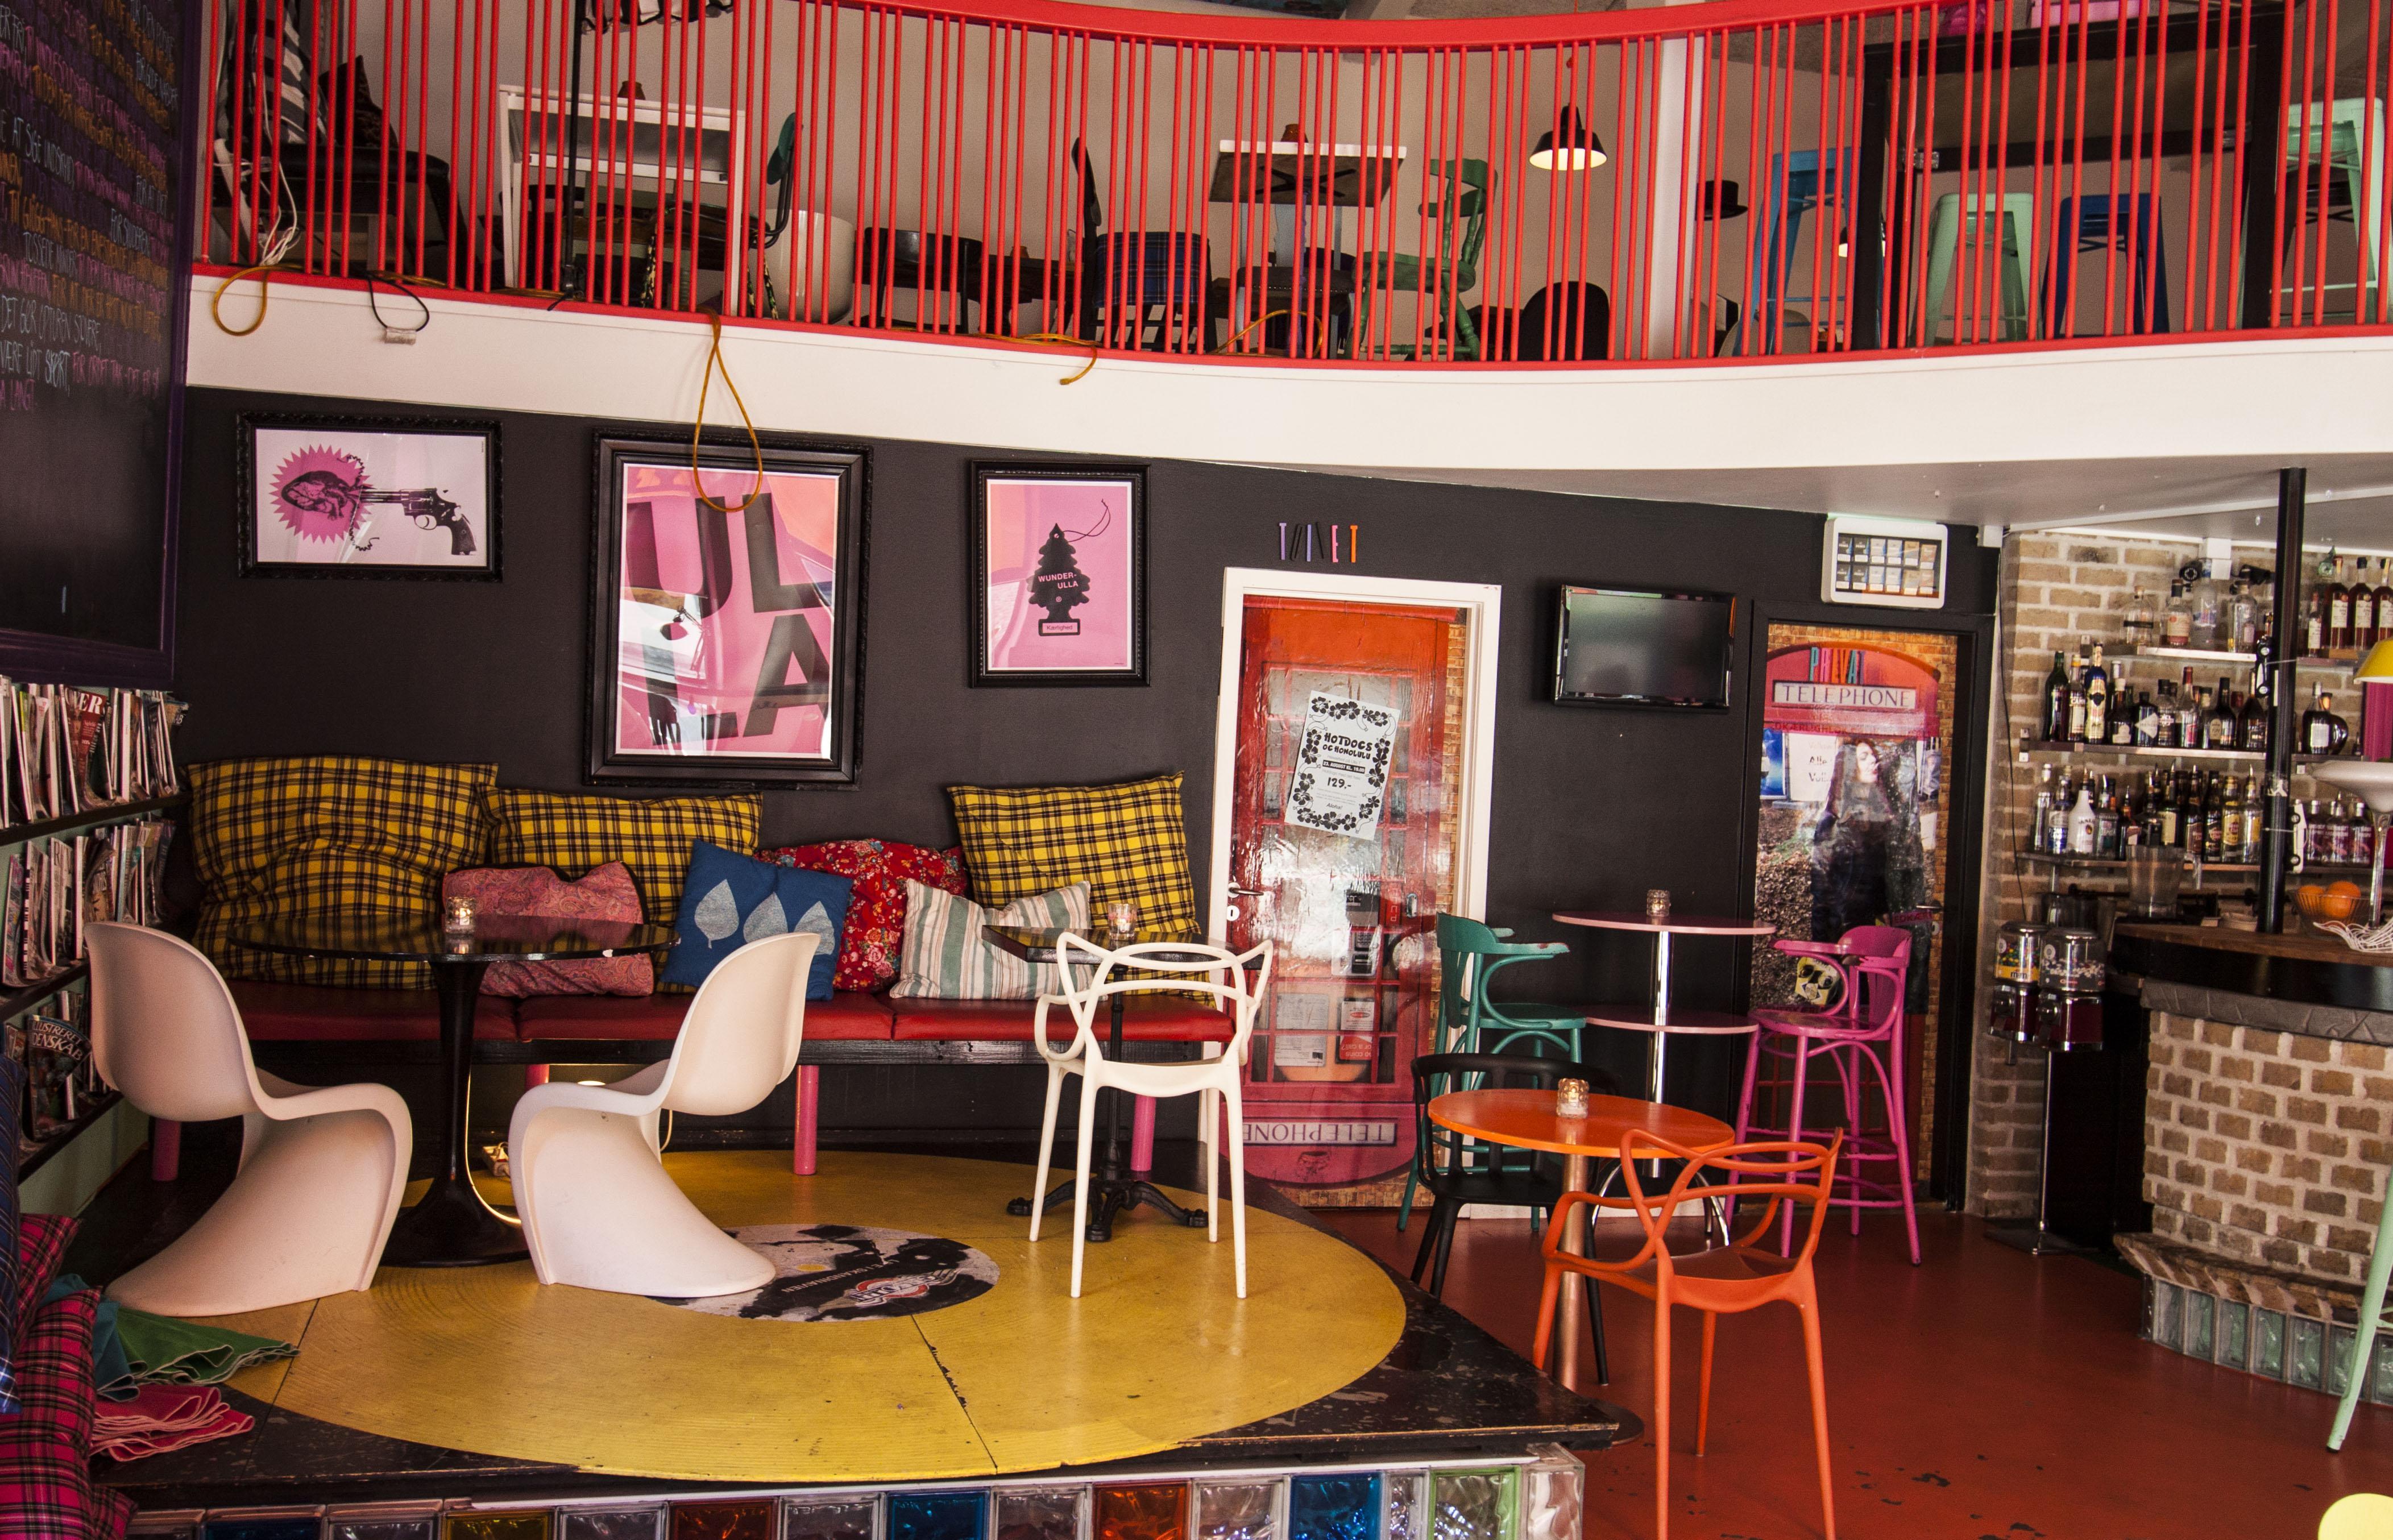 Café Ulla Terkelsen London aalborg reserver spis menukort dinnerlust